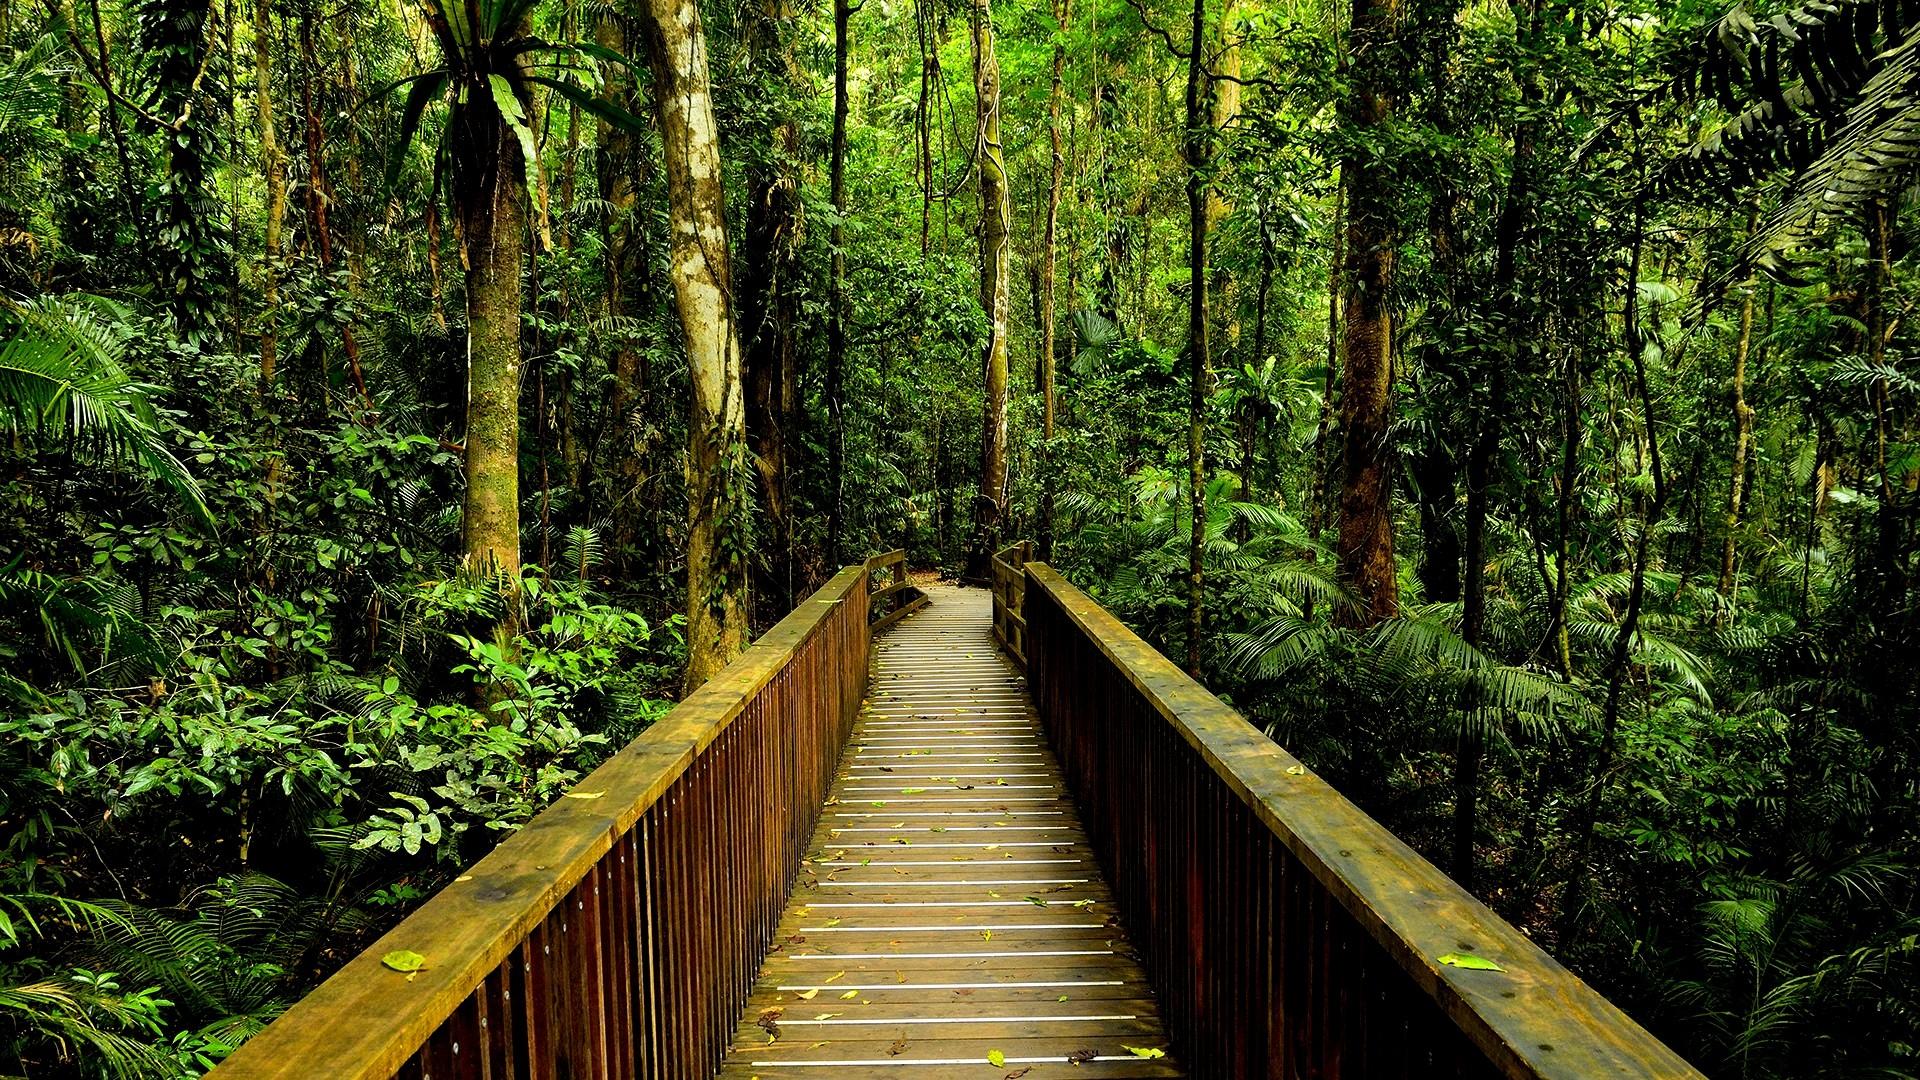 Rainforest Wallpaper 24485